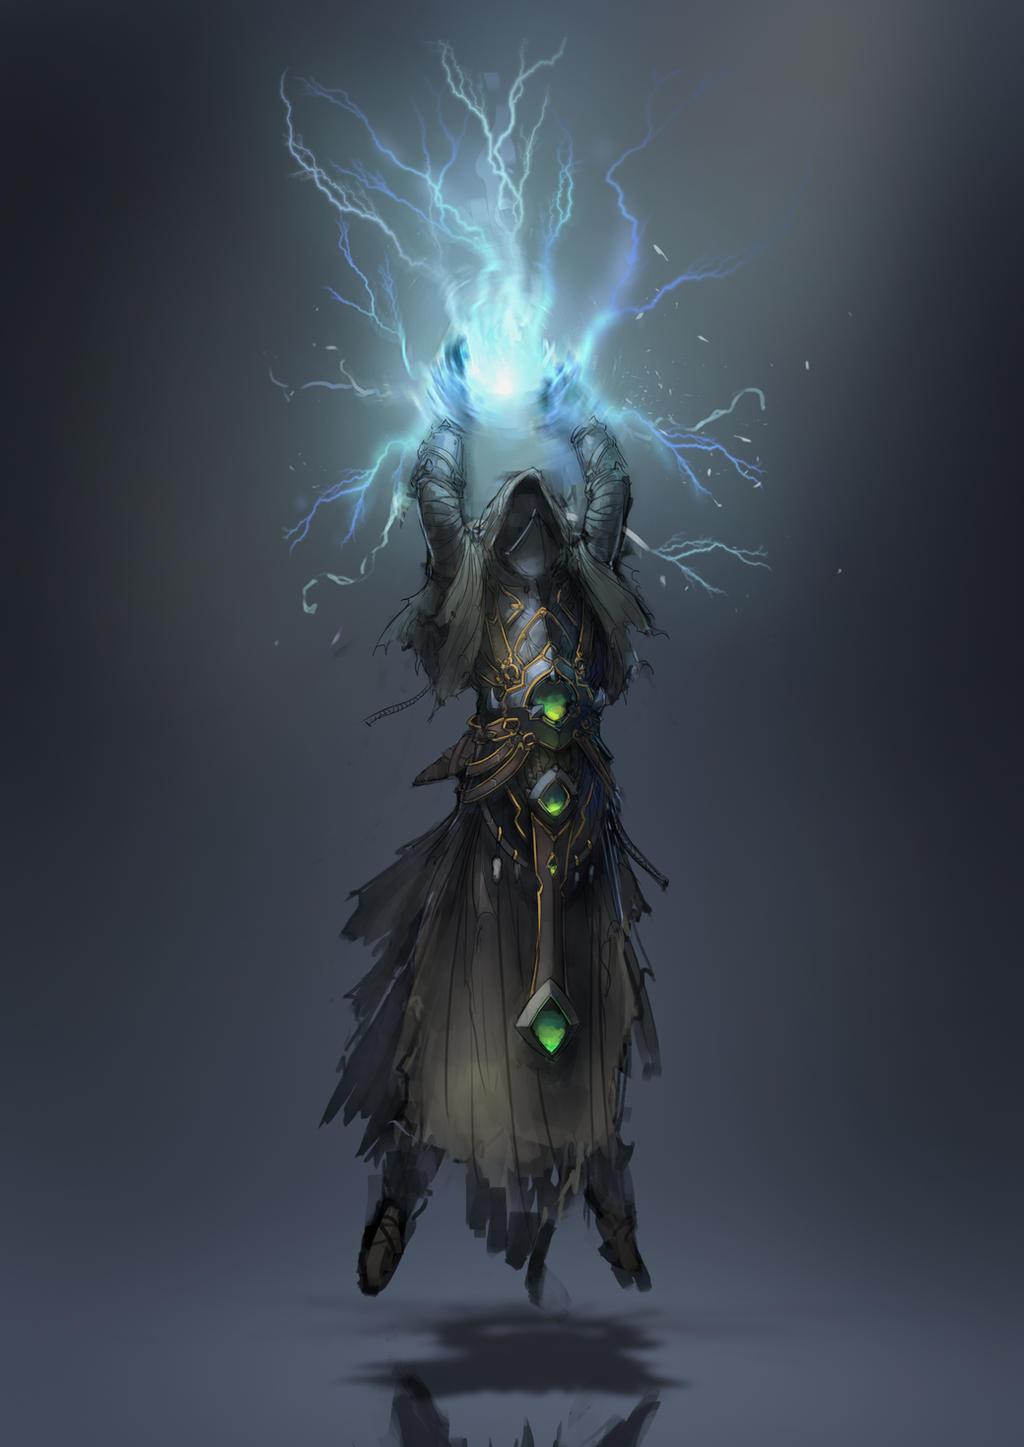 http://img11.deviantart.net/24da/i/2014/322/9/2/lightning_mage_by_2blind2draw-d86uf01.jpg